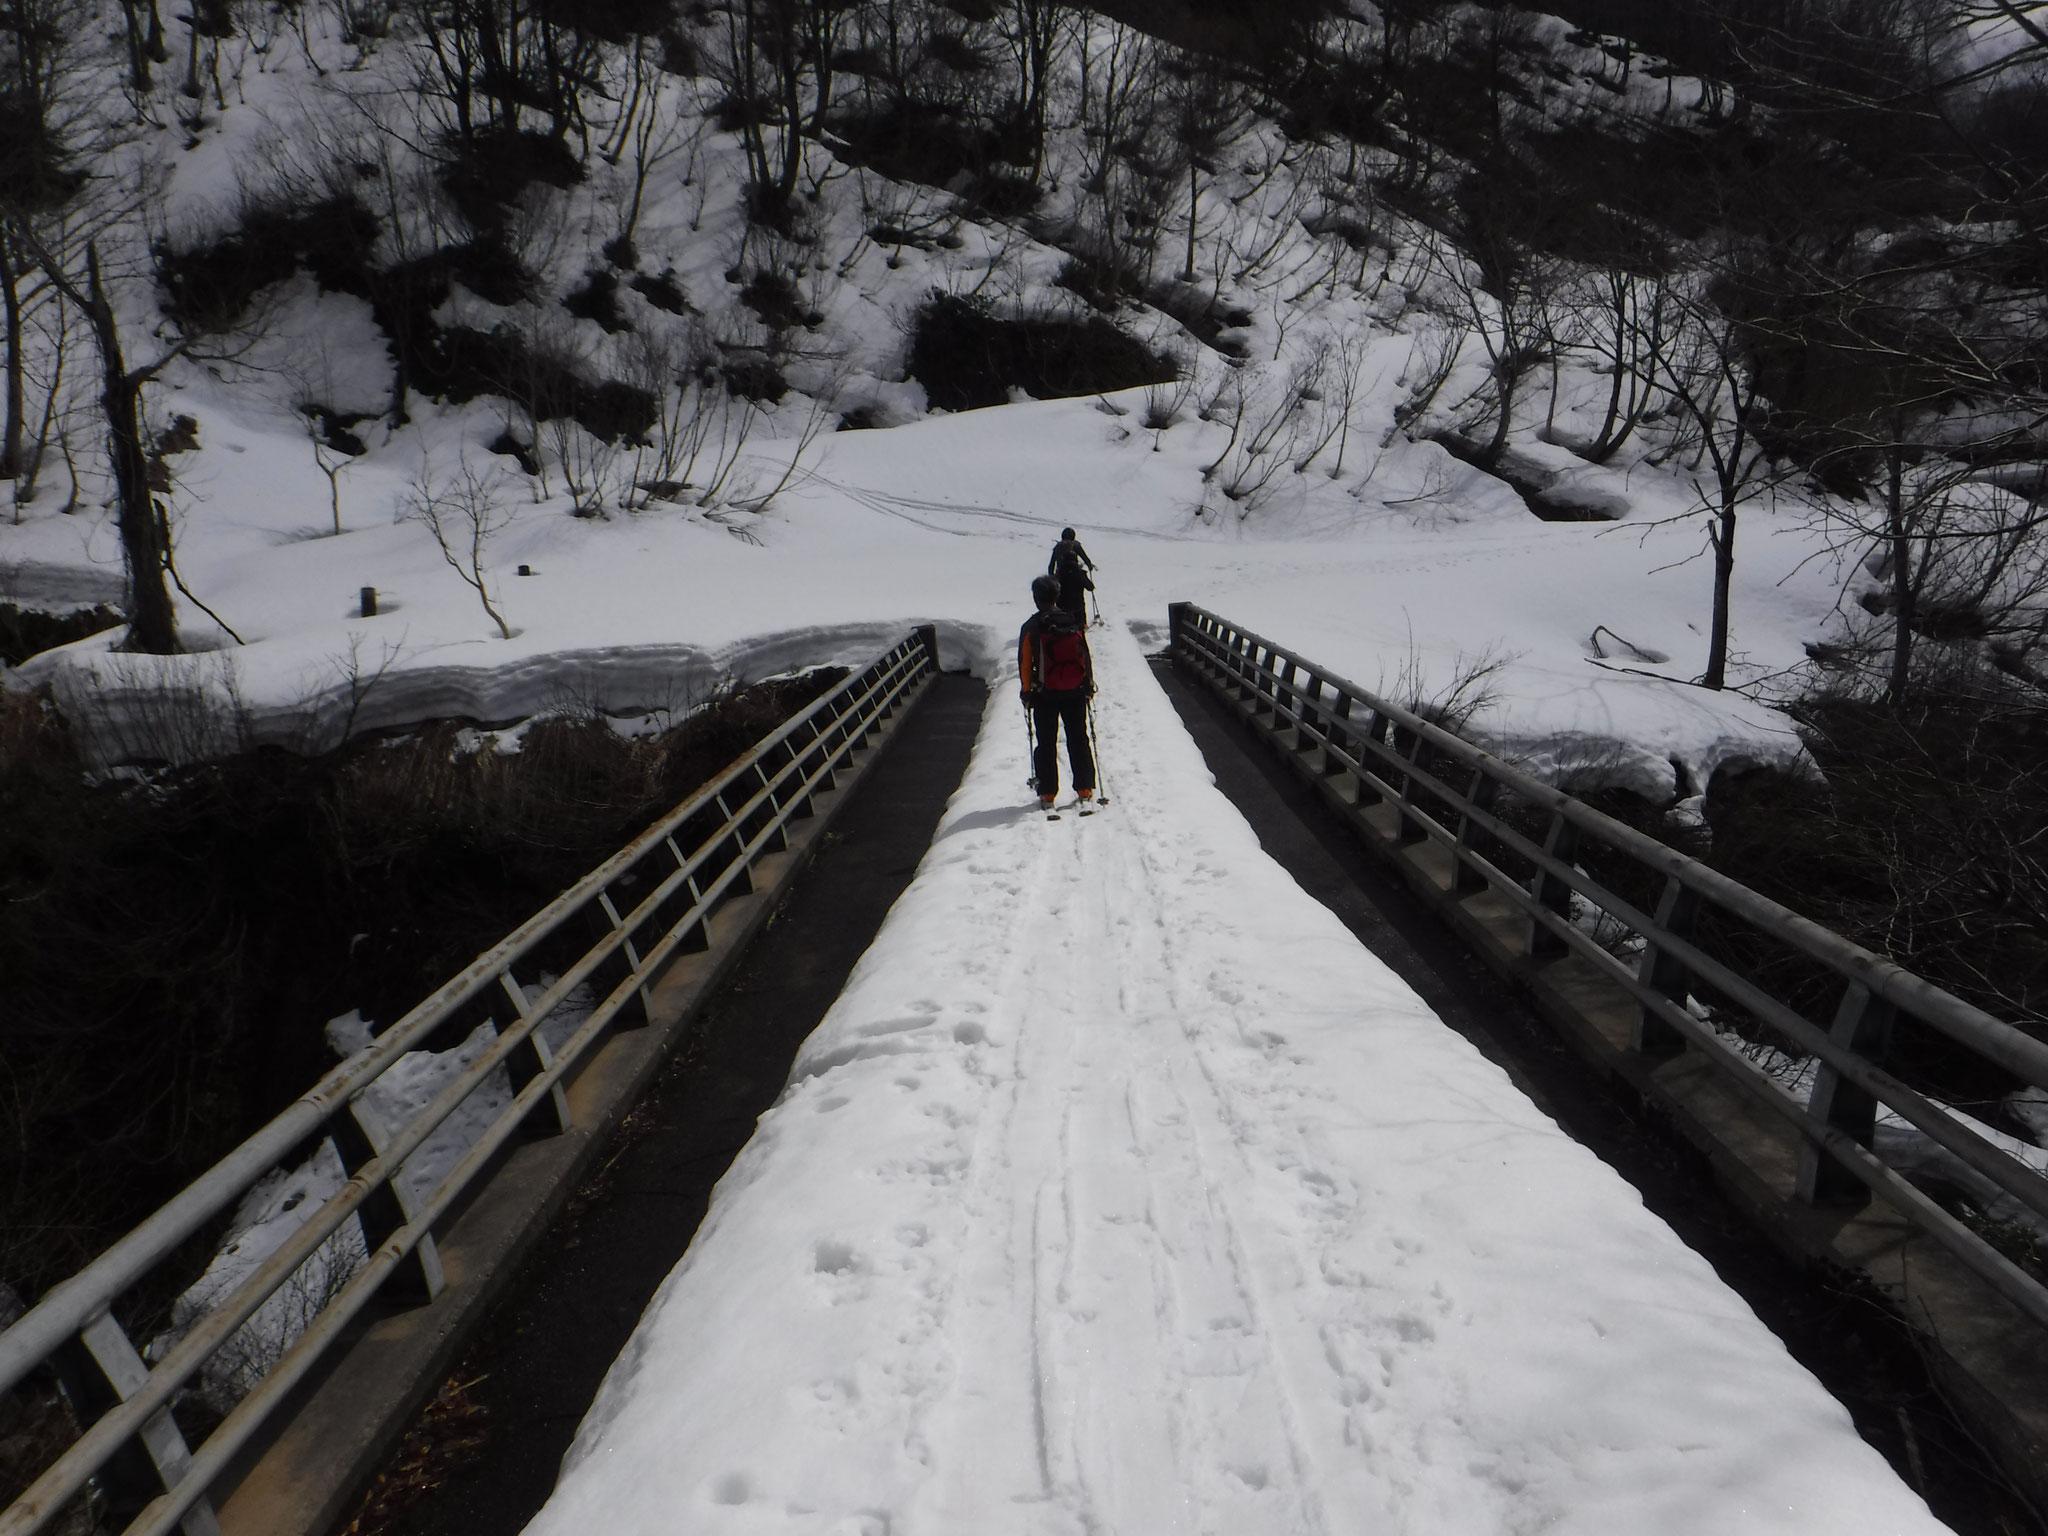 中ノ高地沢の橋を渡る